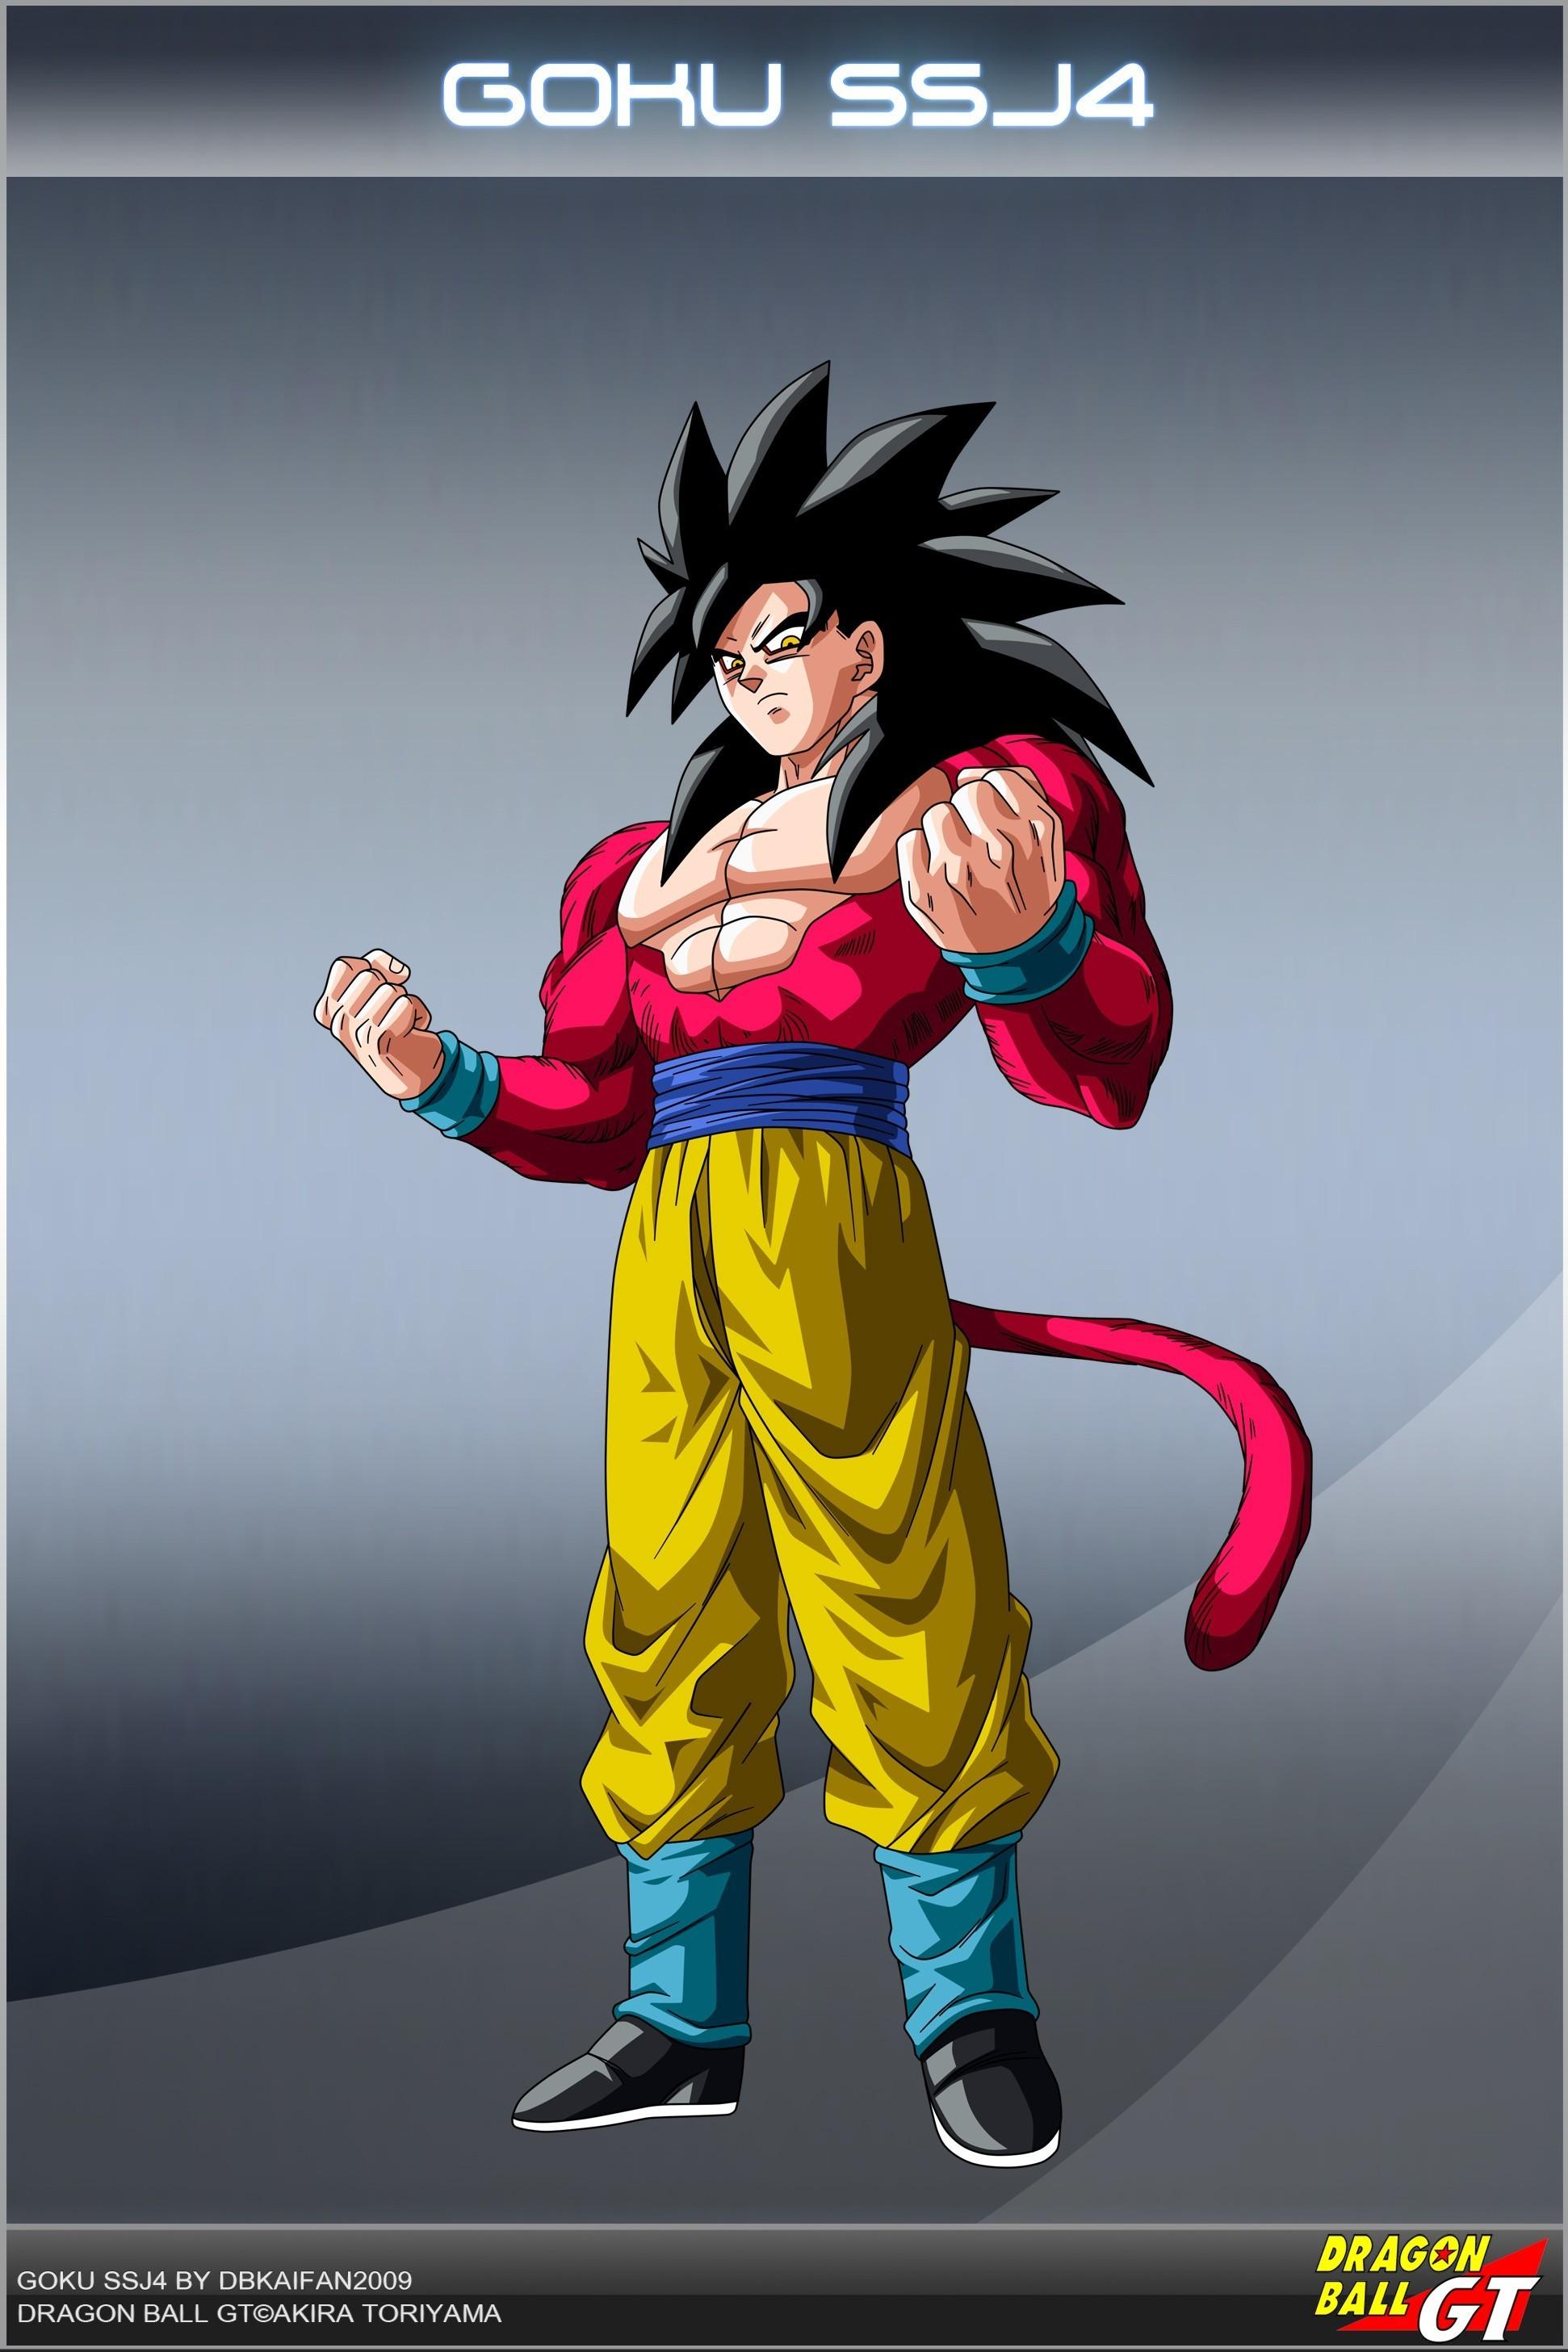 Anime Dragon Ball Son Goku Super Saiyan anime Super Saiyan 4  Dragon Ball GT anime